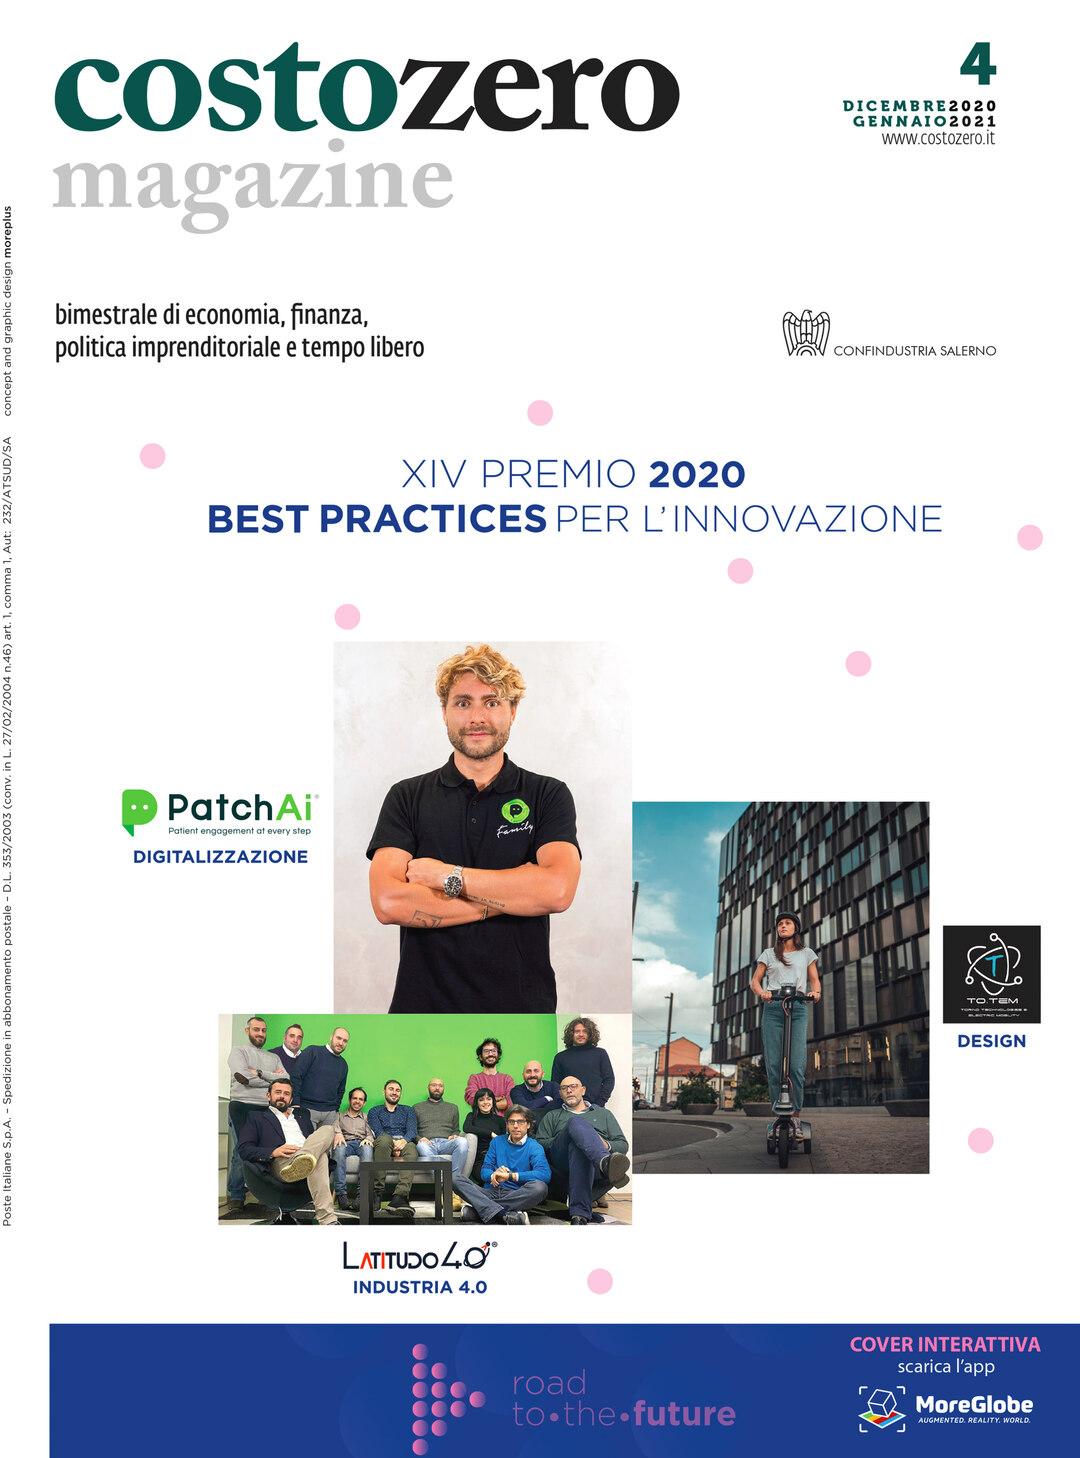 Page 1 of Costozero   XIV PREMIO 2020 BEST PRACTICES PER L'INNOVAZIONE